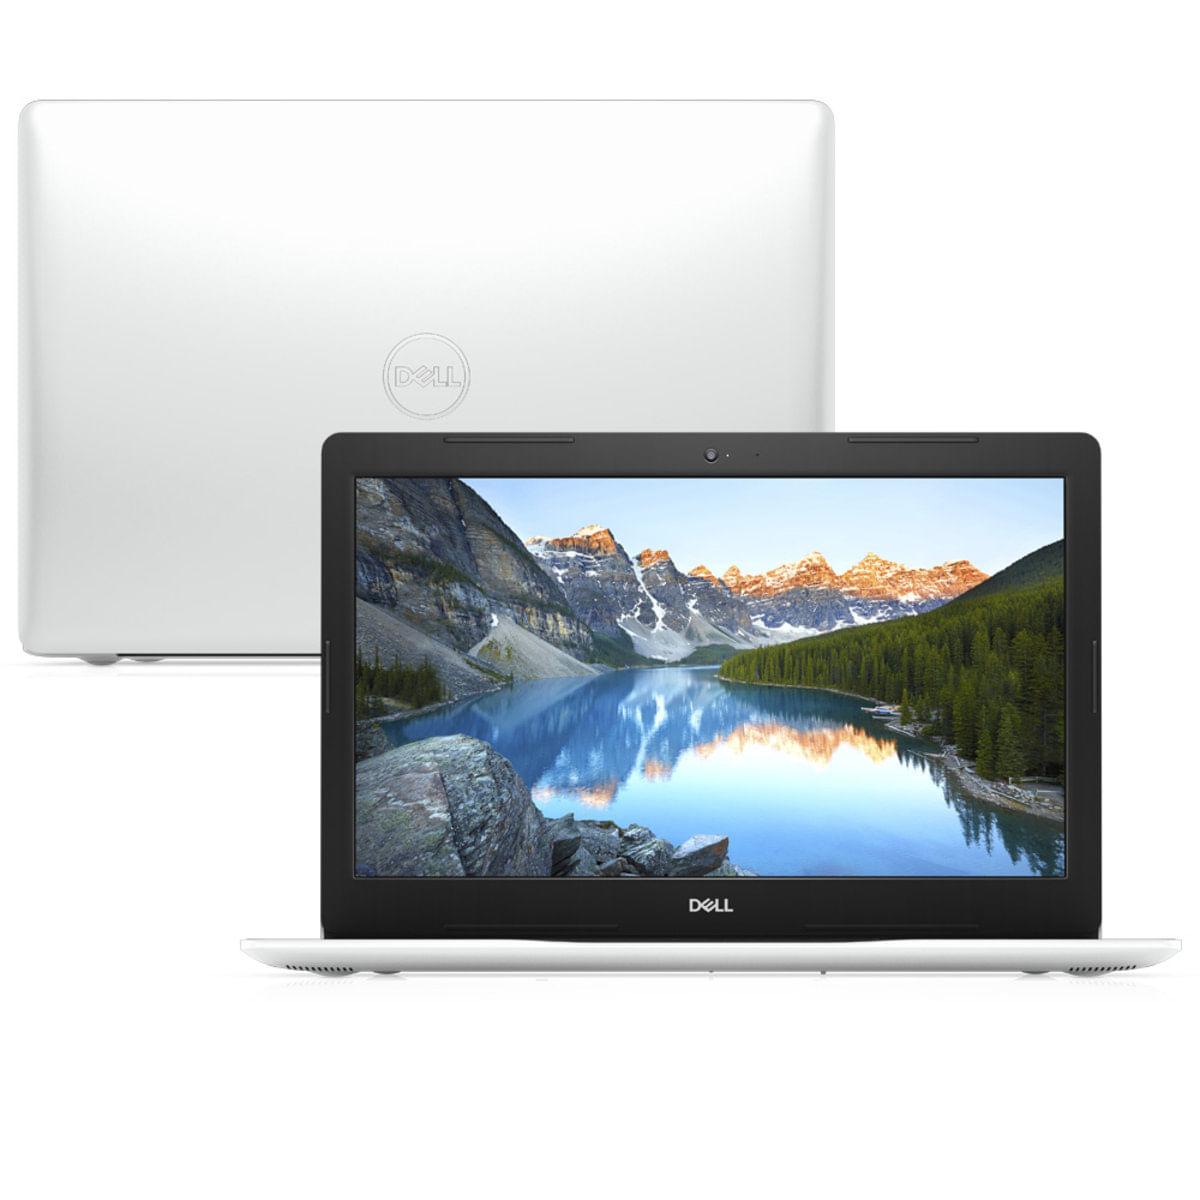 """Notebook - Dell I15-3583-ms110b I7-8565u 1.80ghz 8gb 128gb Híbrido Amd Radeon 520 Windows 10 Home Inspiron 15,6"""" Polegadas"""